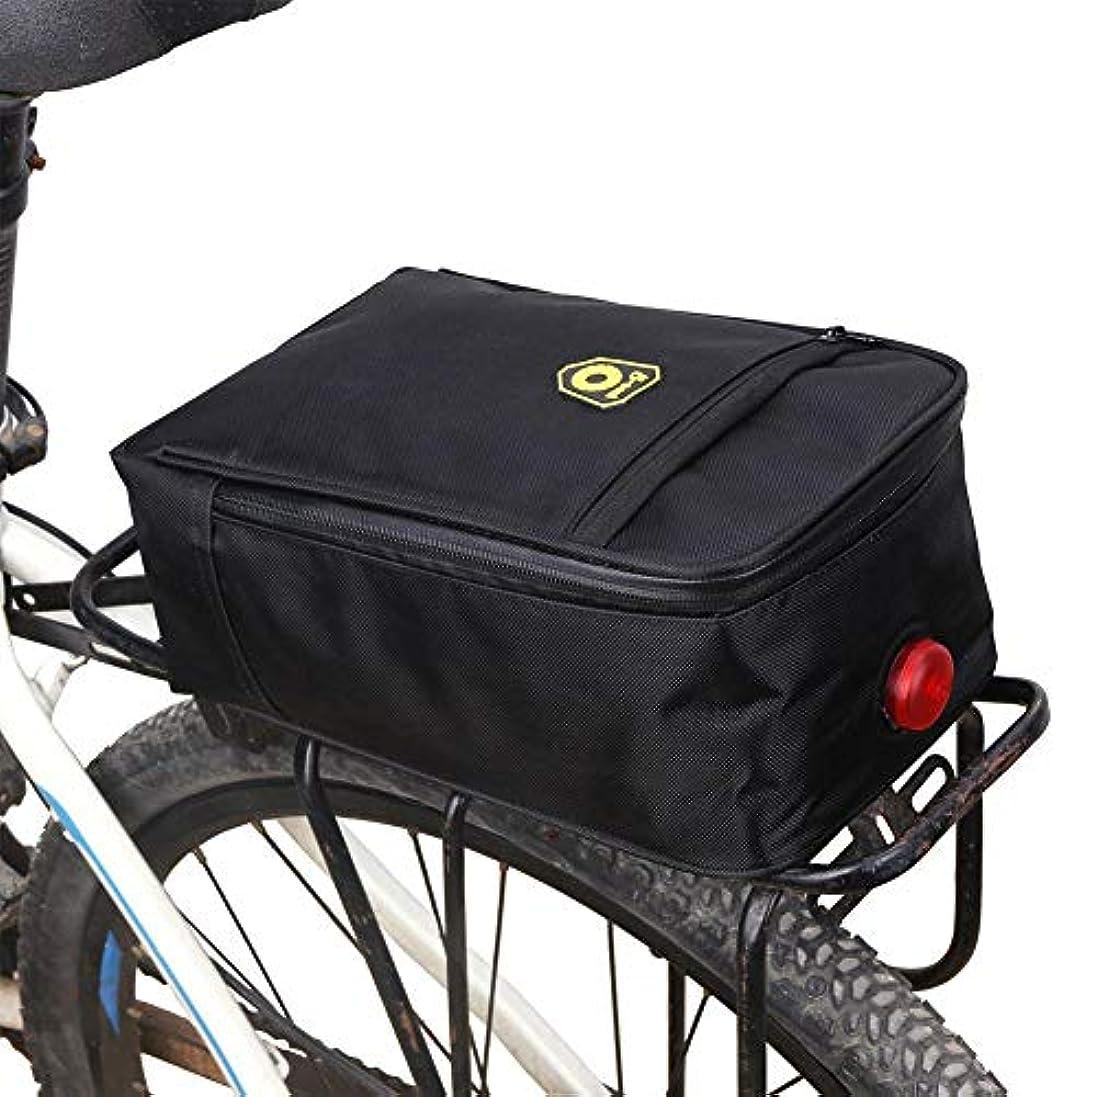 刑務所消毒する割り当てるWind-Susu 自転車バッグ ブーツマット 自転車バッグ リアラック 自転車バッグ 多機能 電動車 バイク用